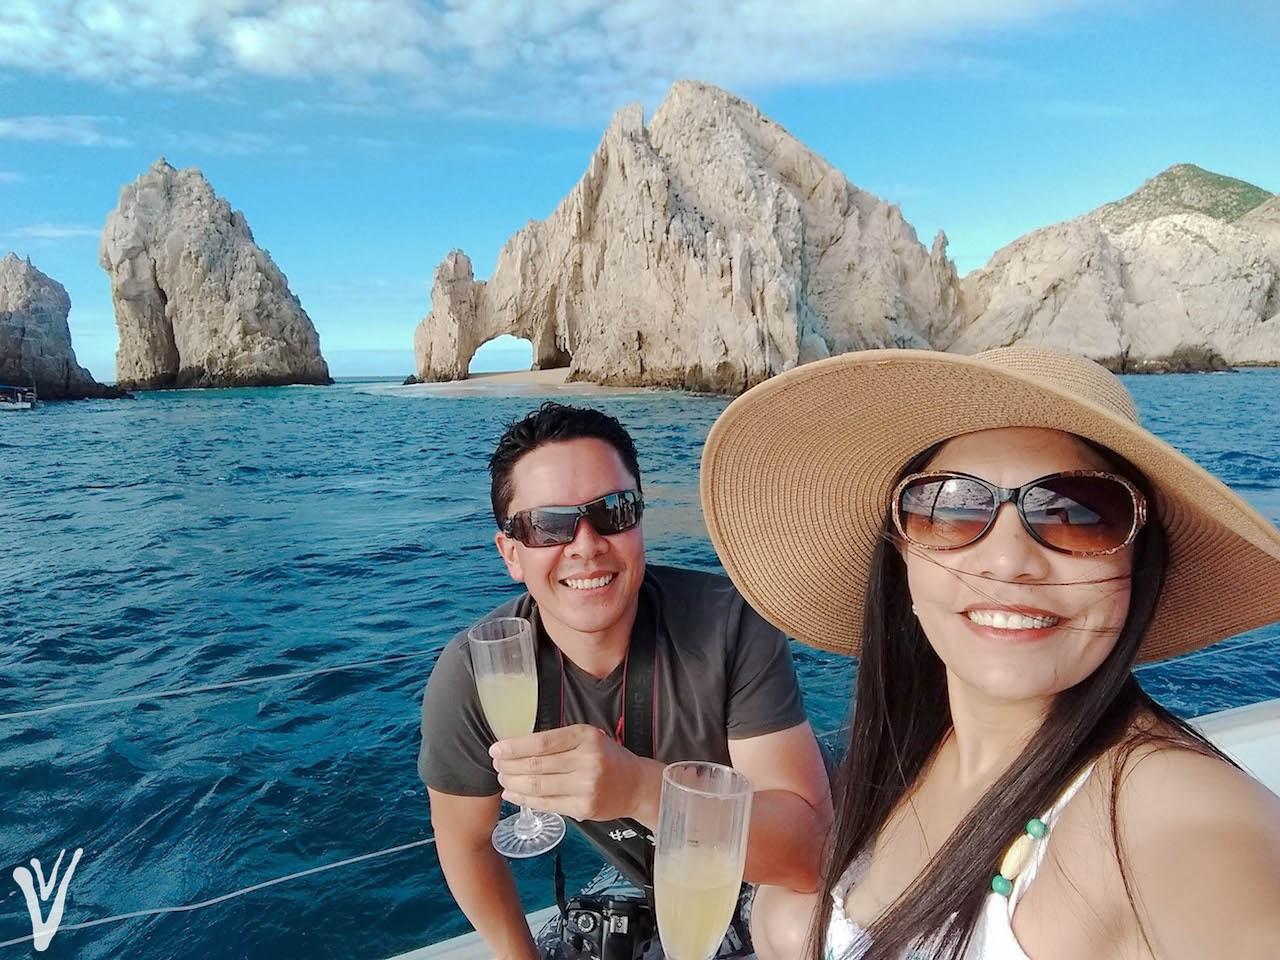 Conocimos el Famoso Arco y Nos Tomamos unos Días de Descanso en Los Cabos